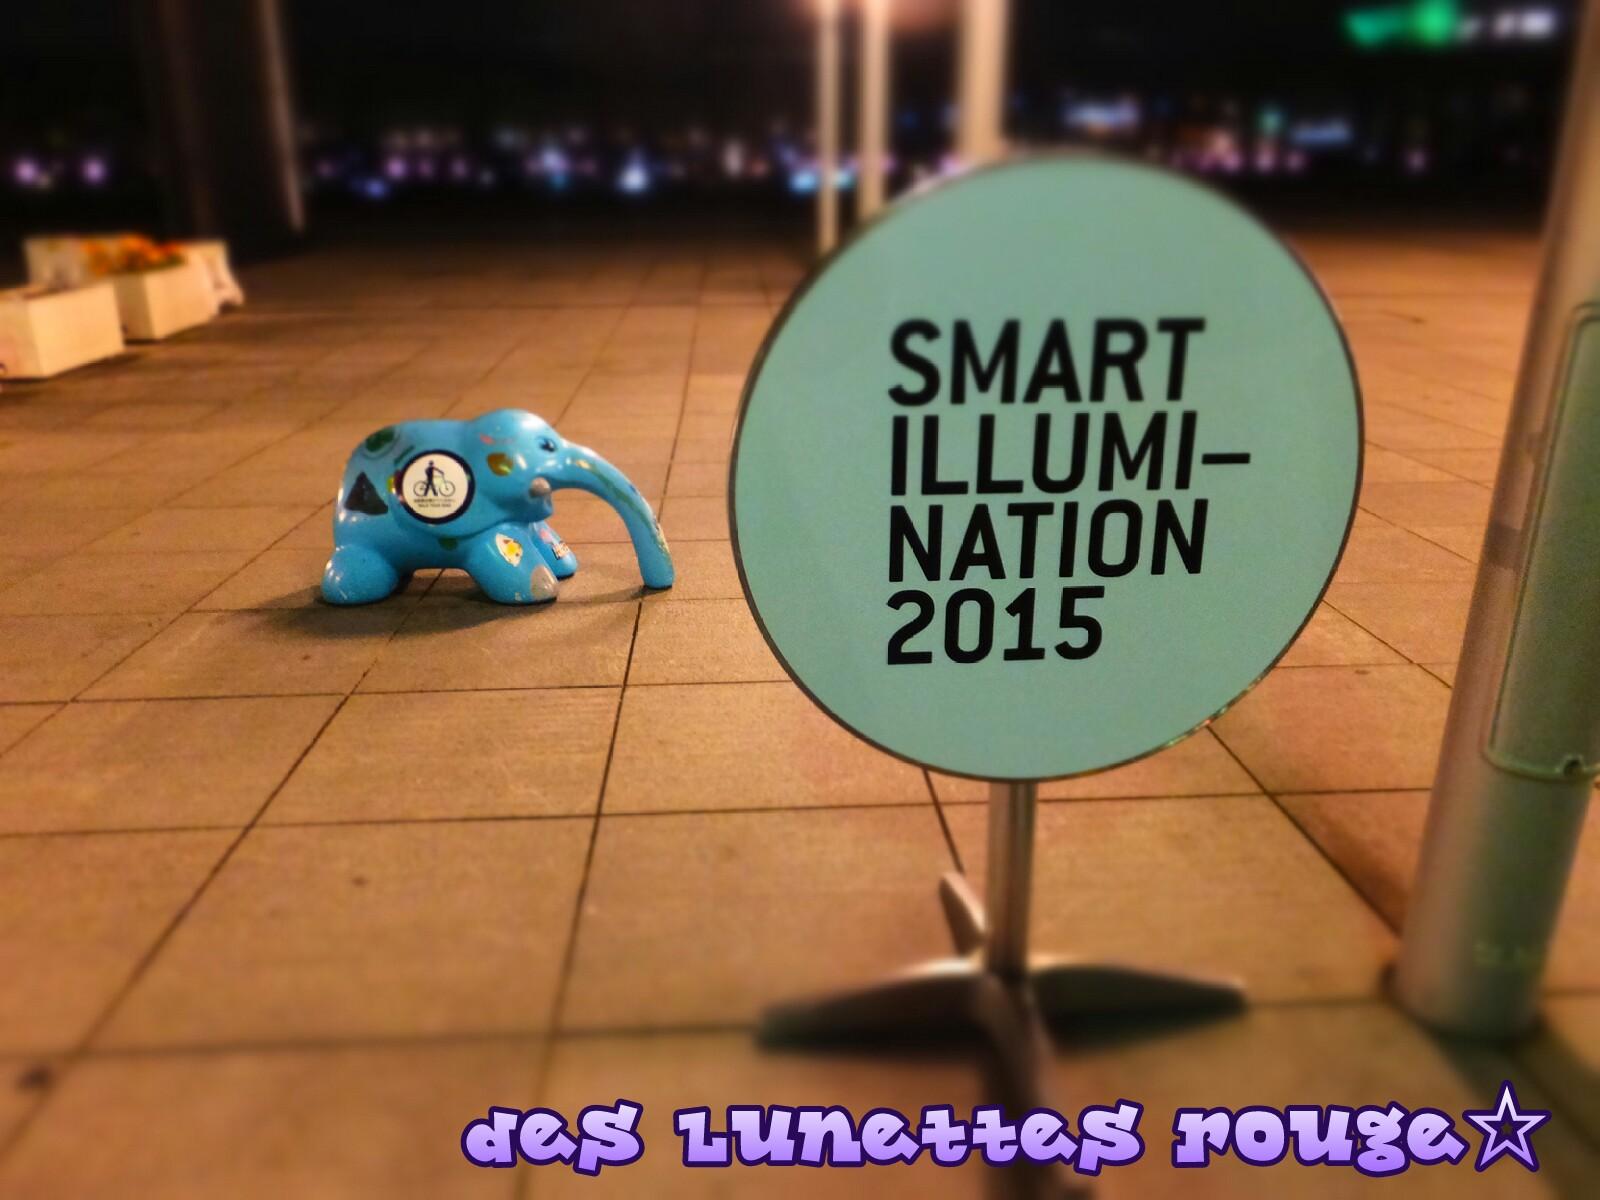 smart illumination 2015